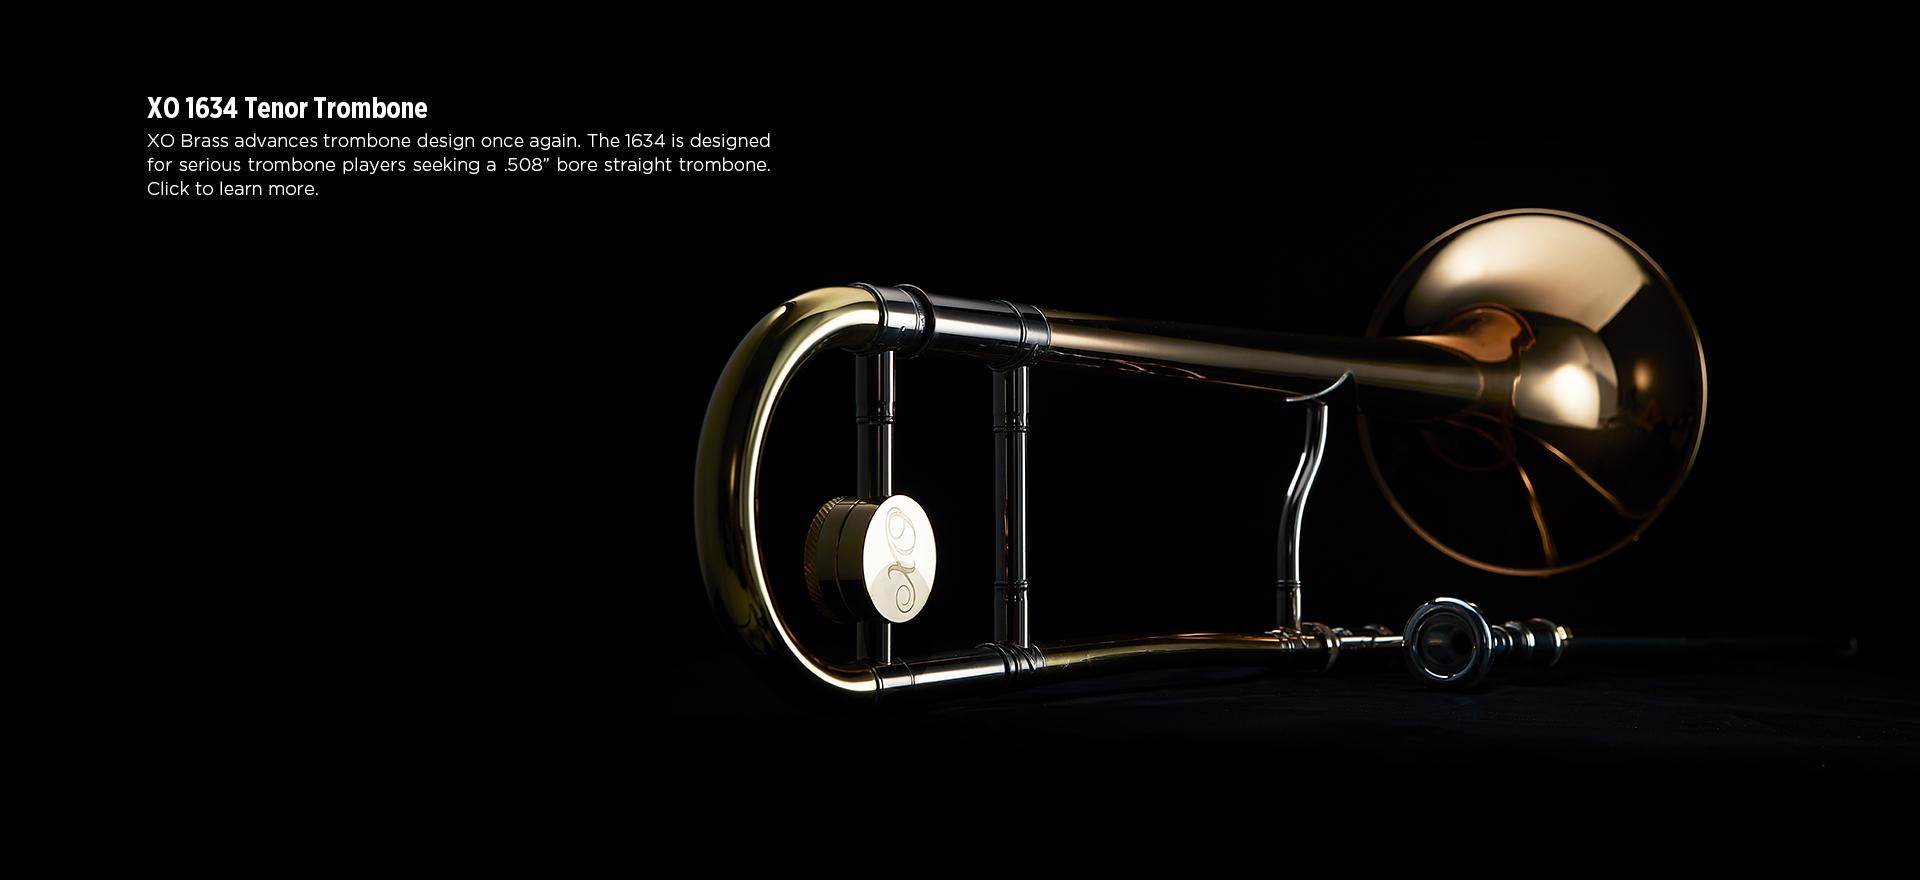 1634TenorTrombone